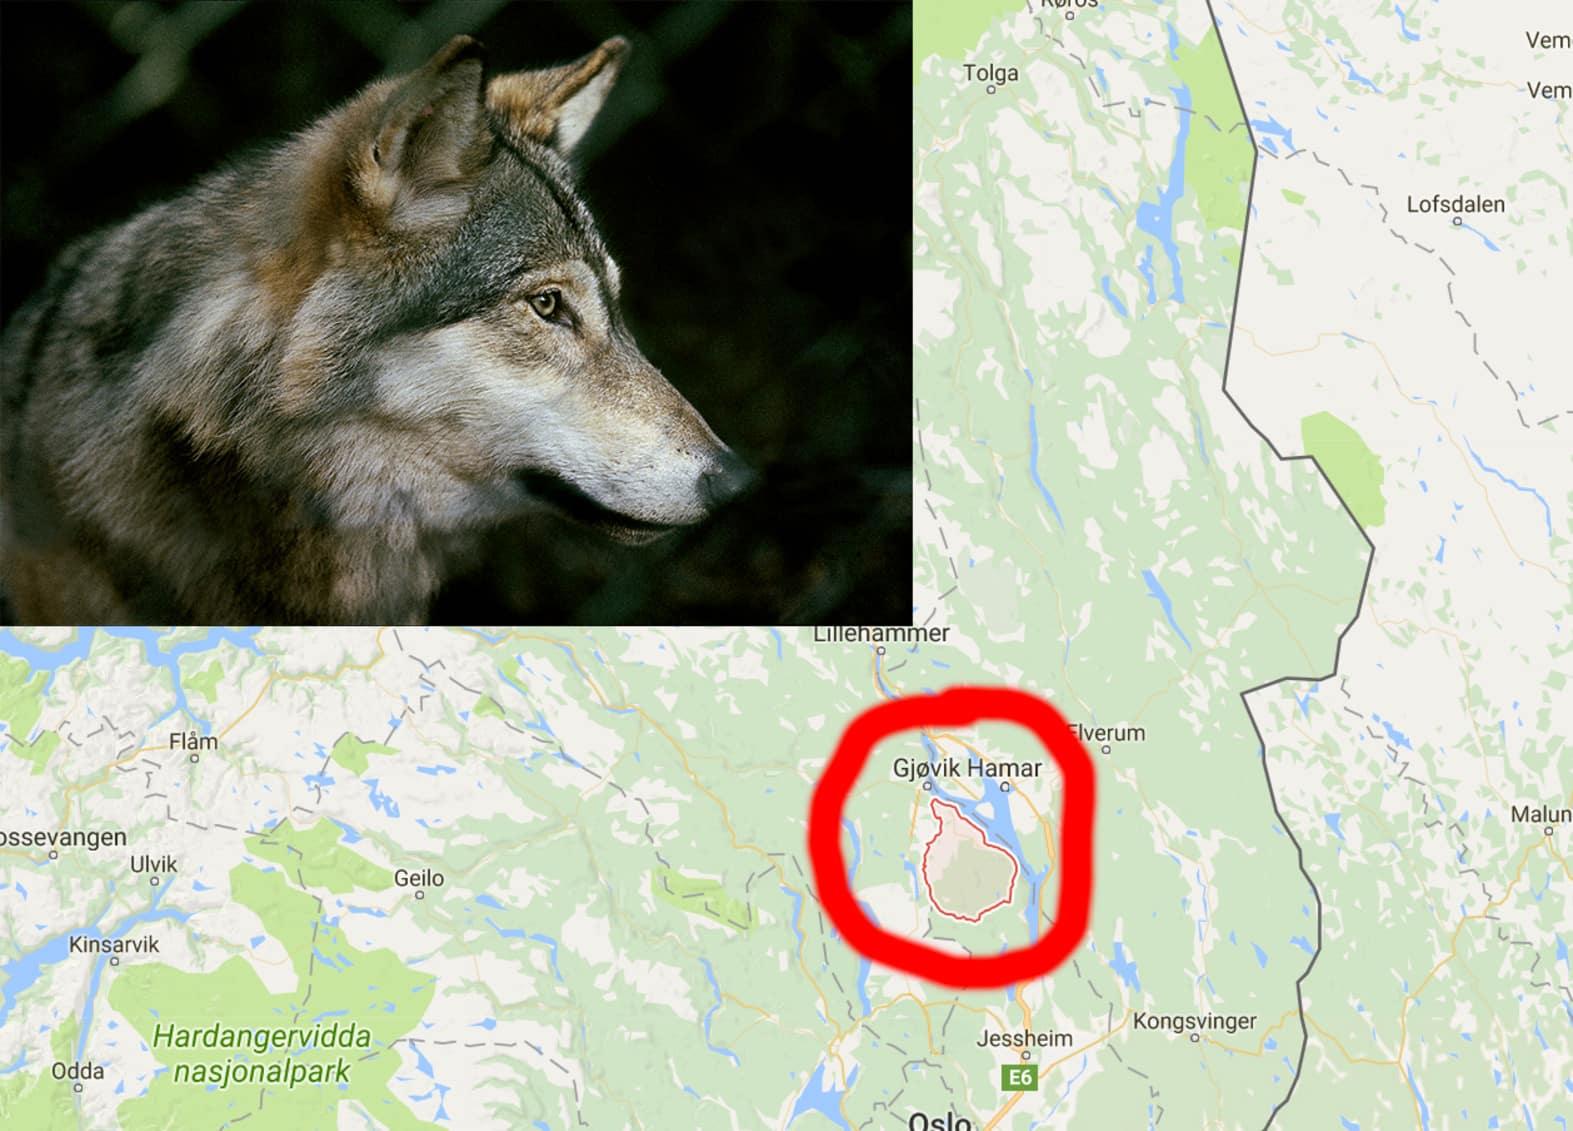 Annu en varg skjuten i norge